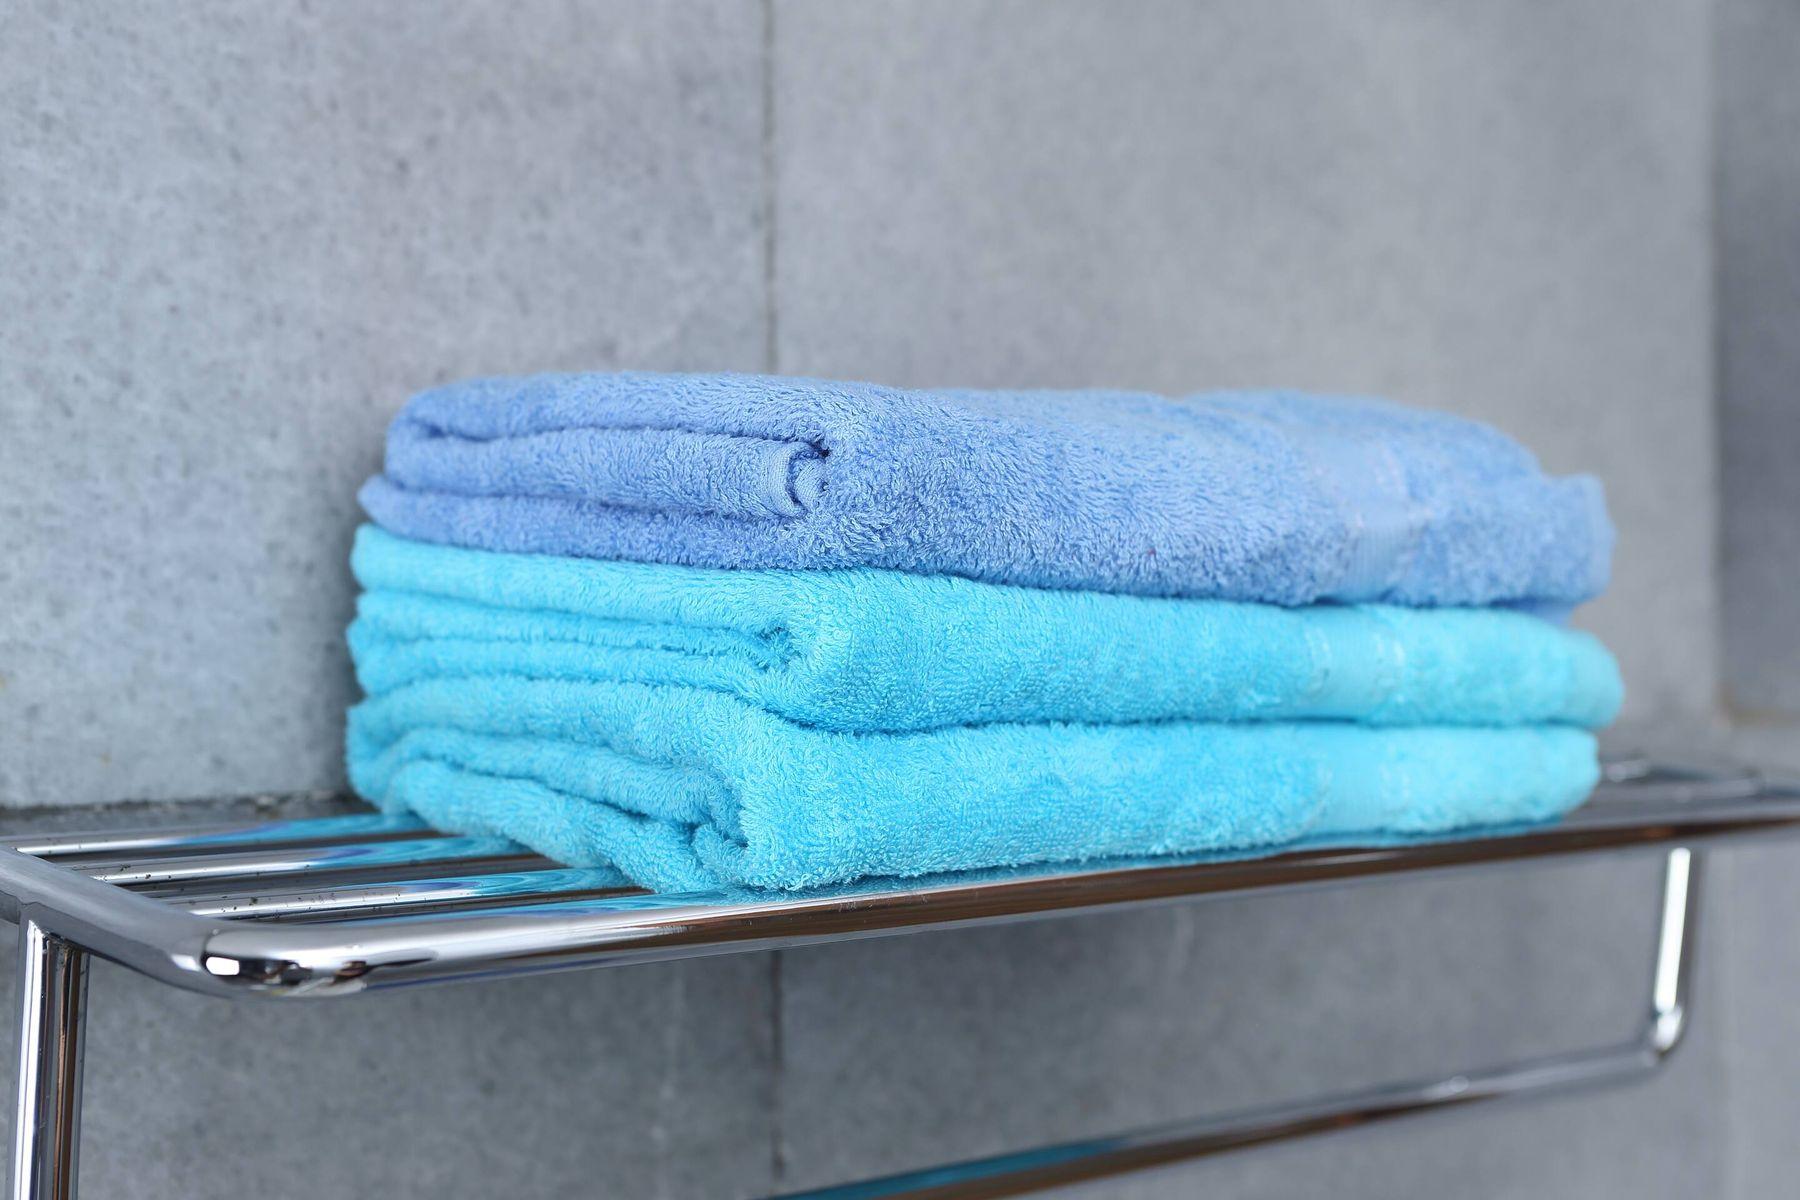 4 Yếu tố giúp bạn đánh giá khăn bông tắm chất lượng cho gia đình